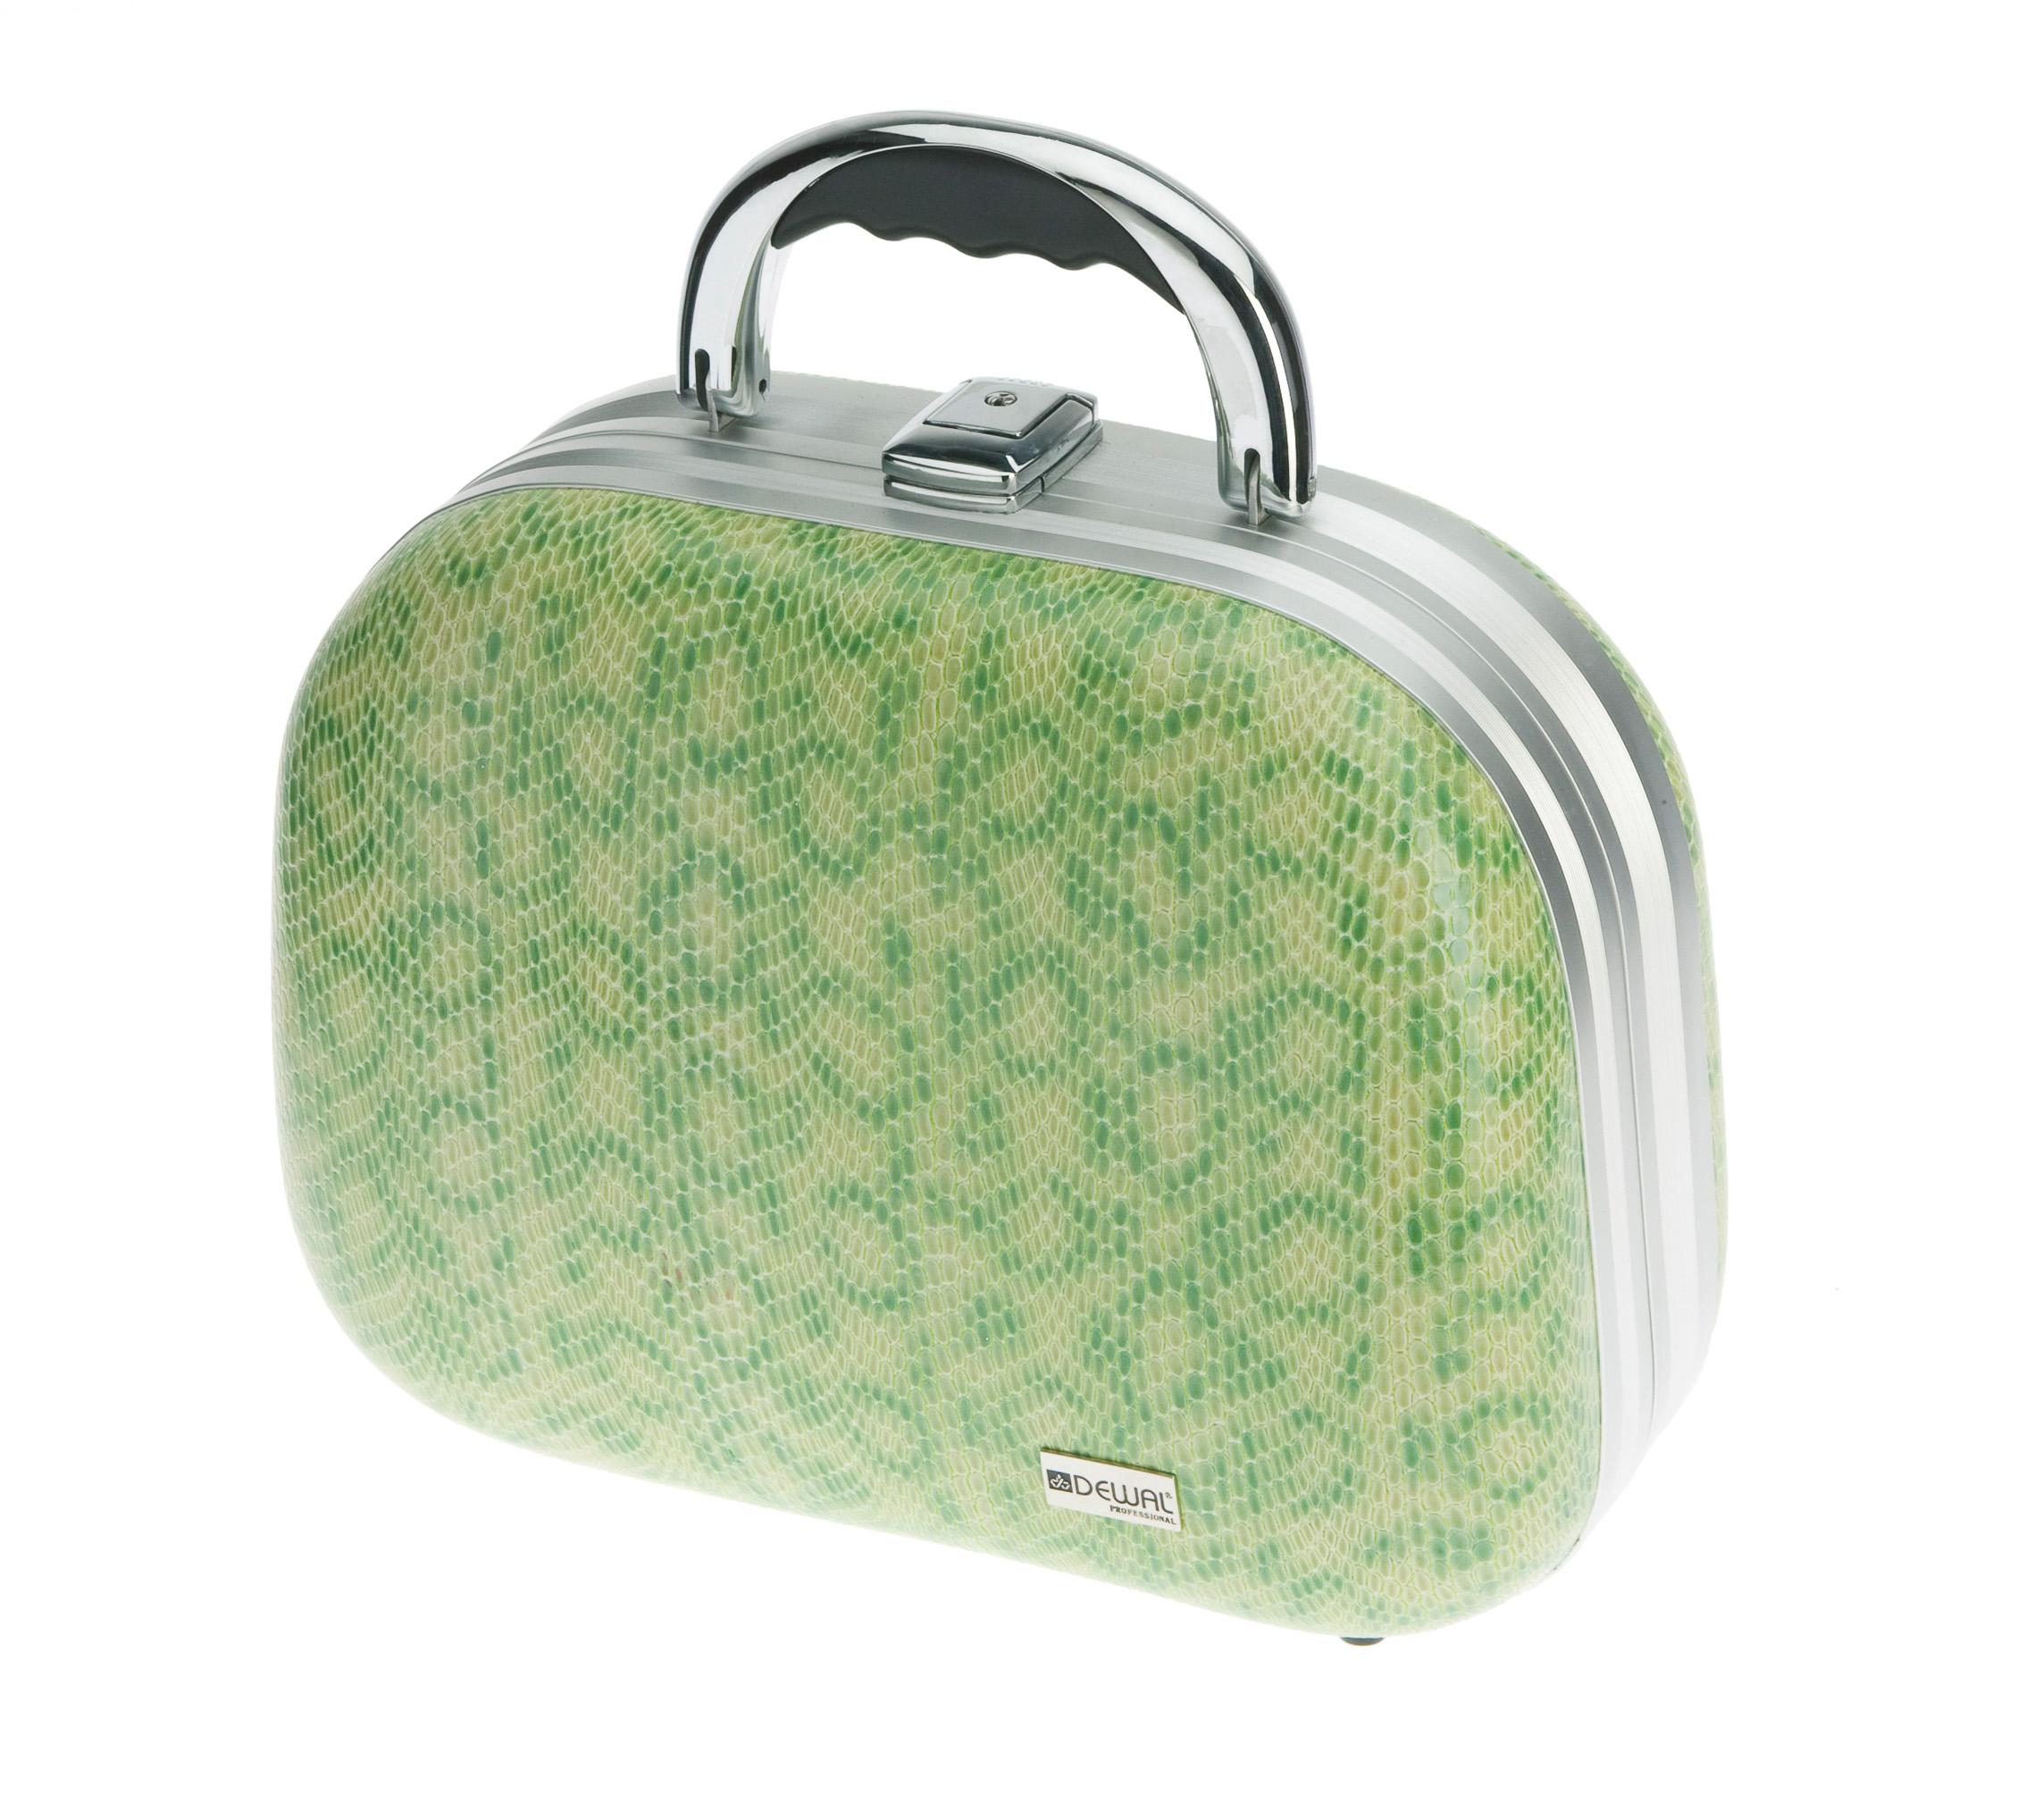 Купить Чемодан для парикмахерских инструментов DEWAL, HP814B*, Зеленый